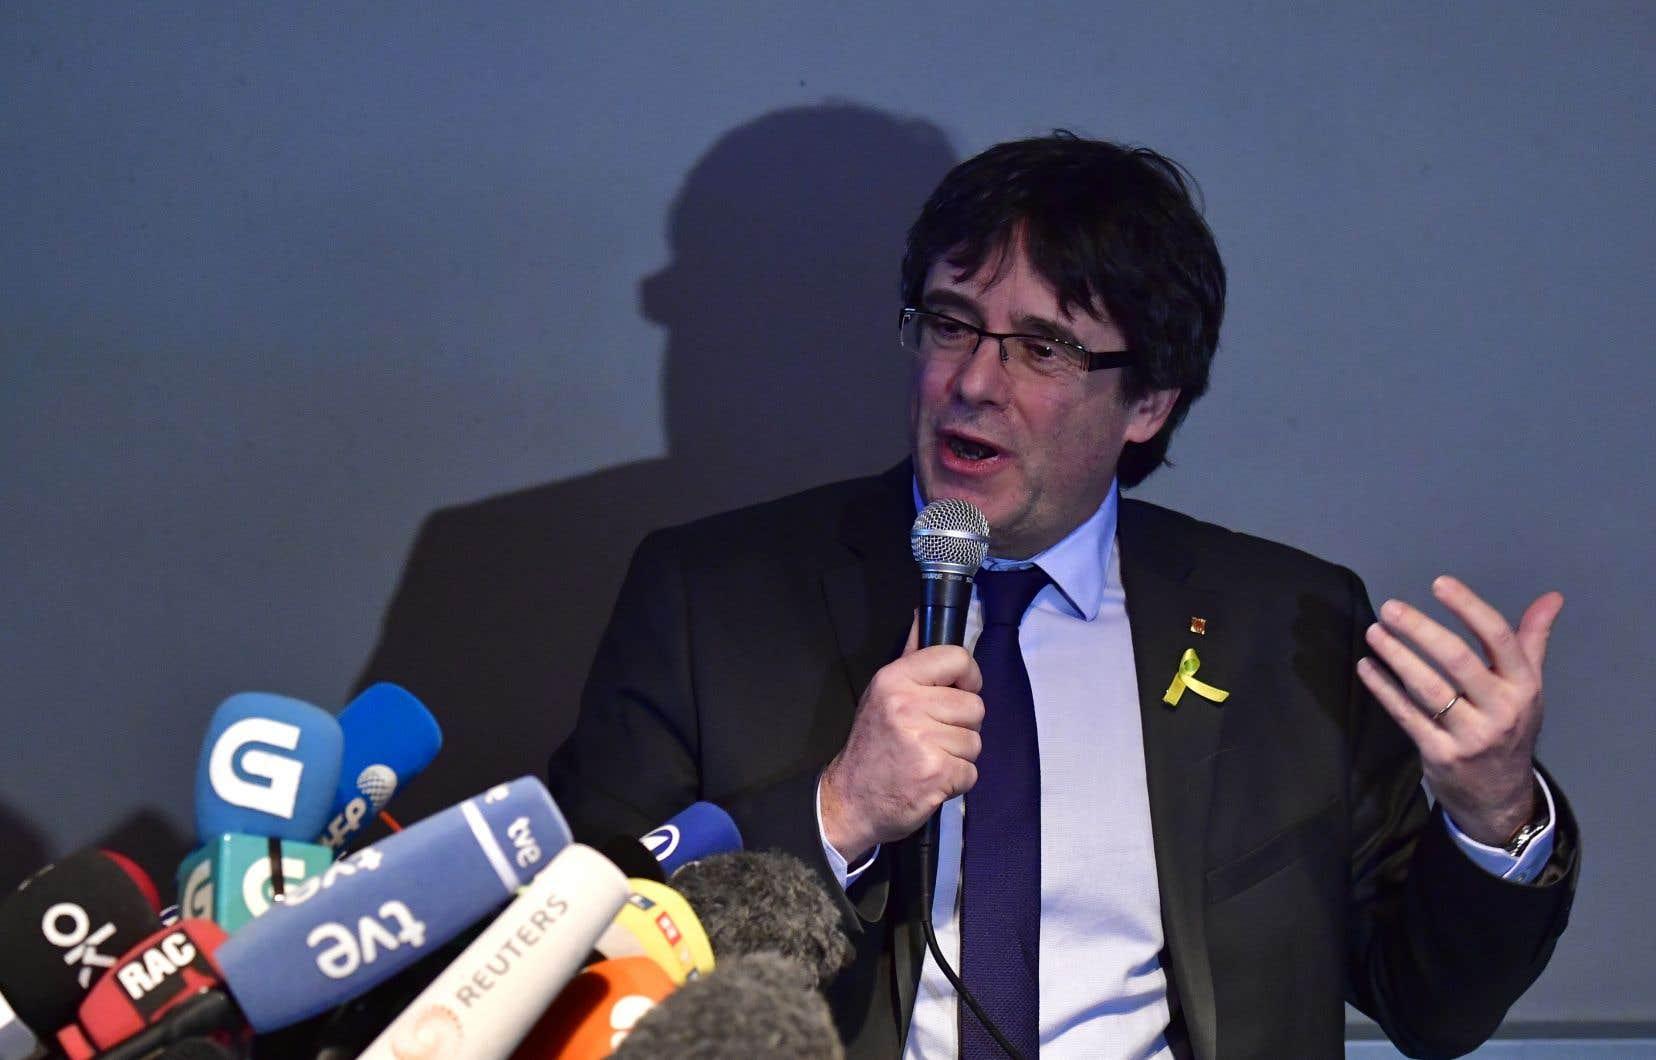 Samedi, Carles Puigdemont avait assuré lors d'une conférence de presse à Berlin qu'il voulait résider dans la capitale allemande puis, une fois sa situation judiciaire réglée, retourner en Belgique.